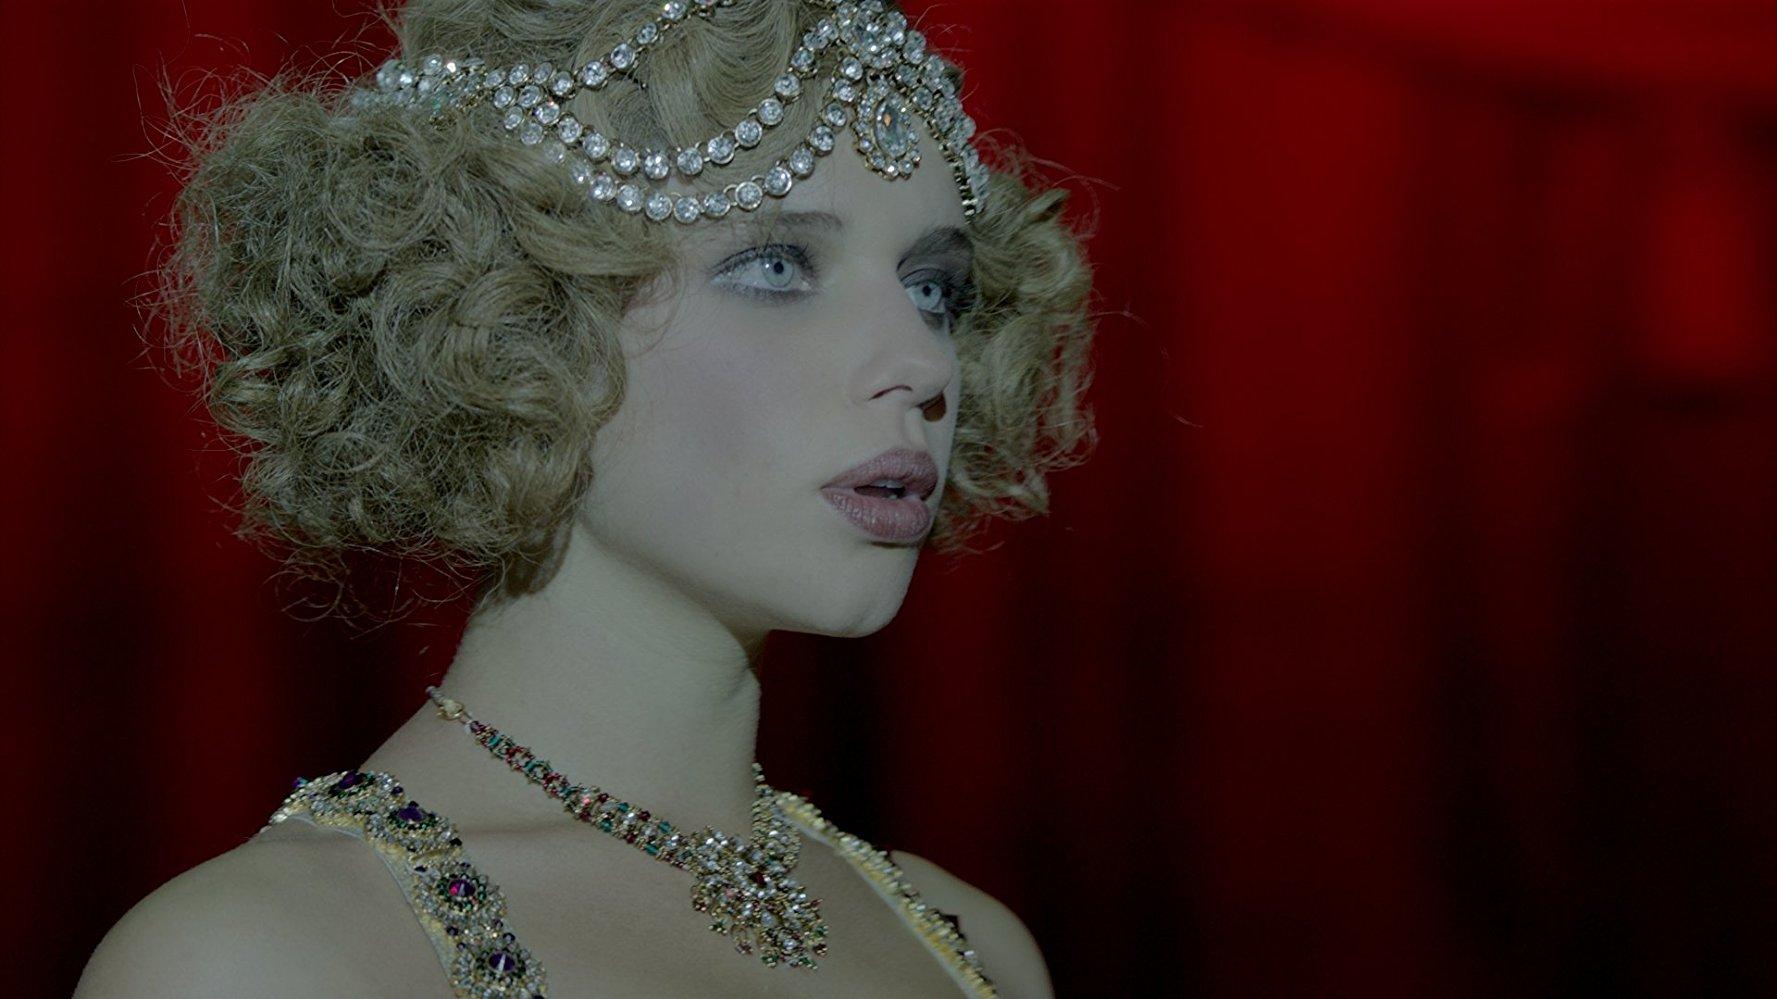 В прокат выходит фильм ШОУ МИСТИКО («Cinema Prestige», 23 августа)